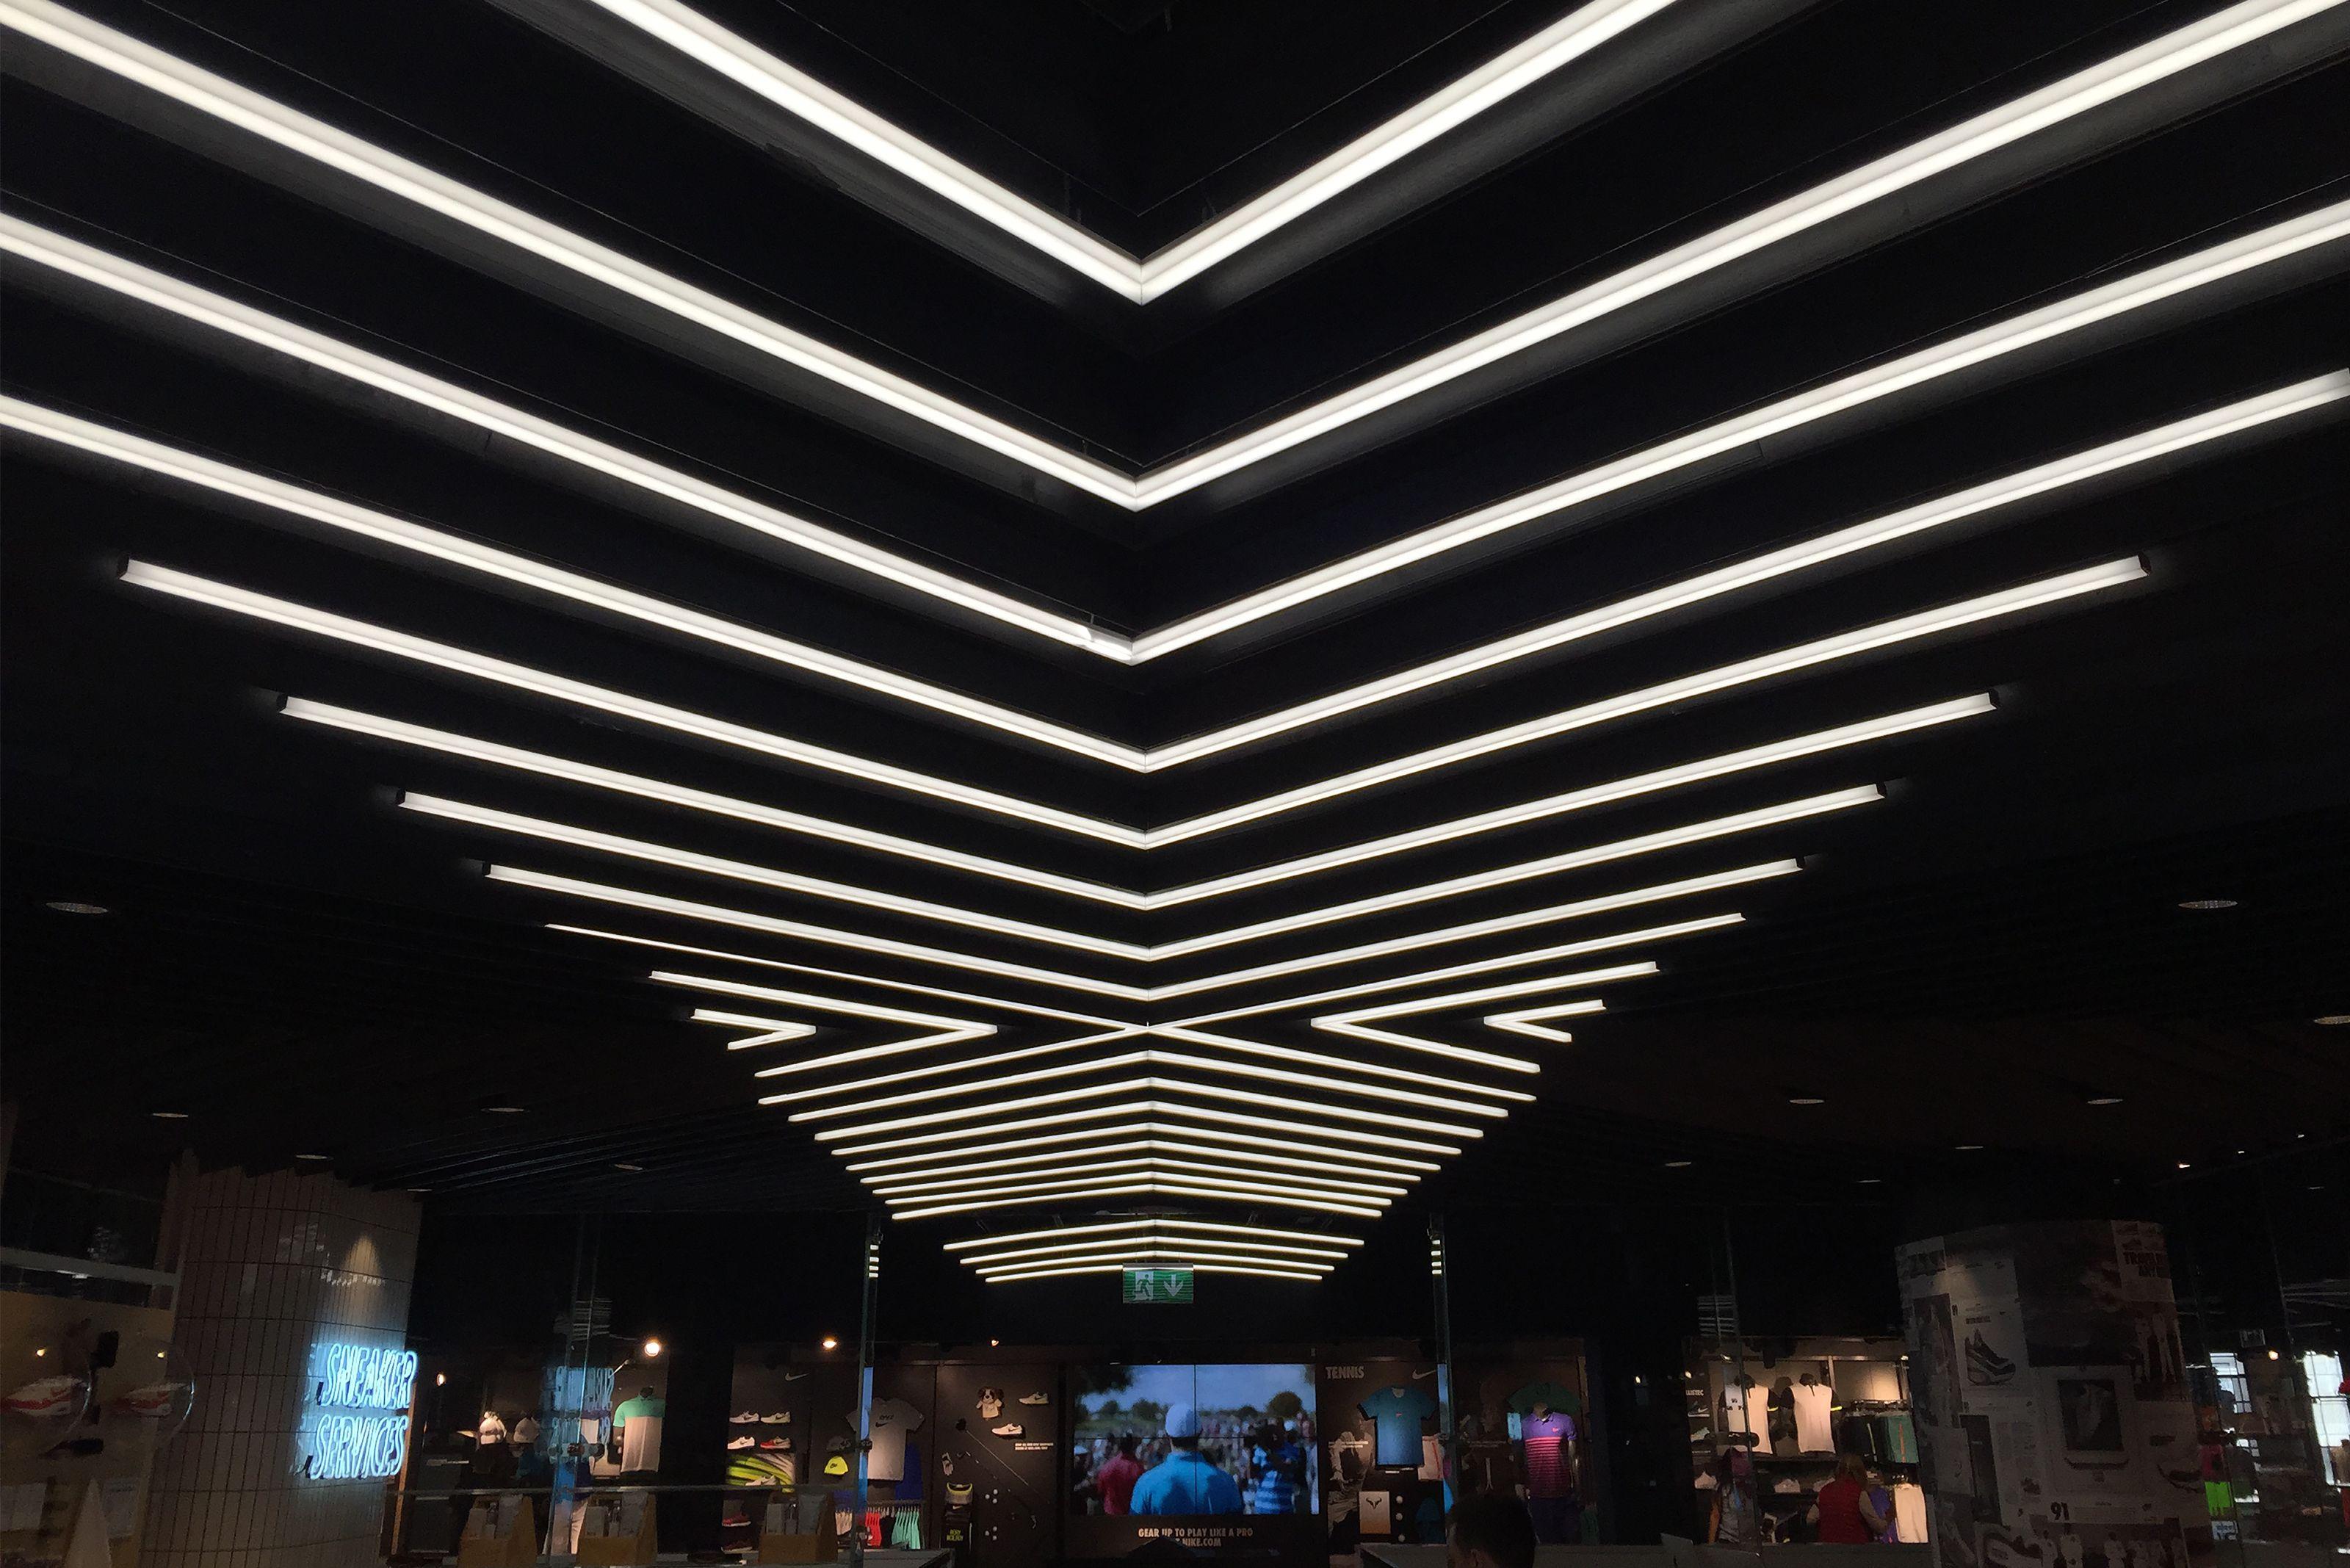 lightlline-grande-square-4-mj-lighting-v2